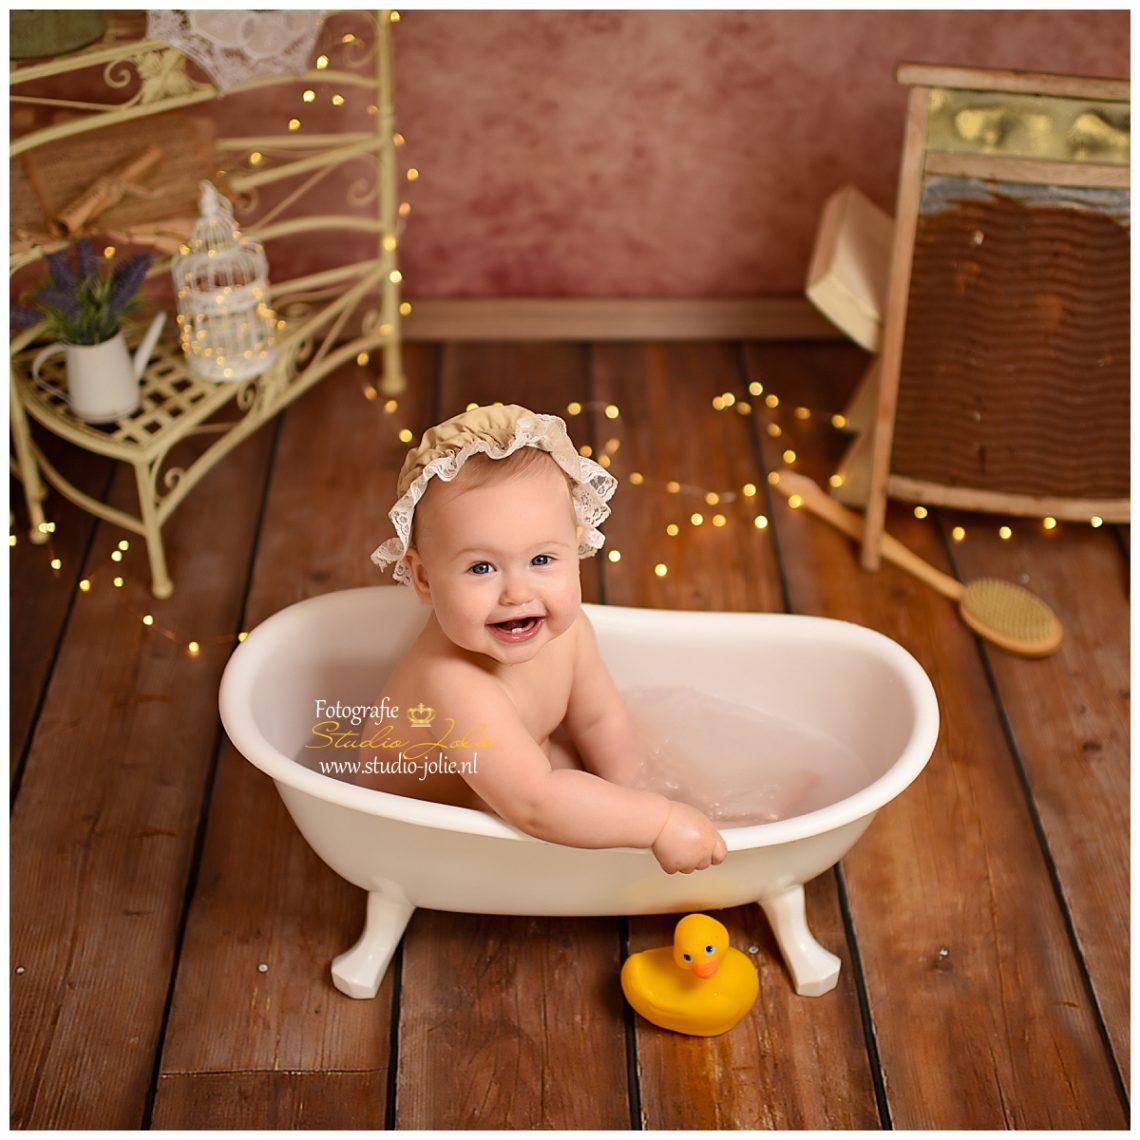 Cakesmash vrolijke baby in romantisch decor